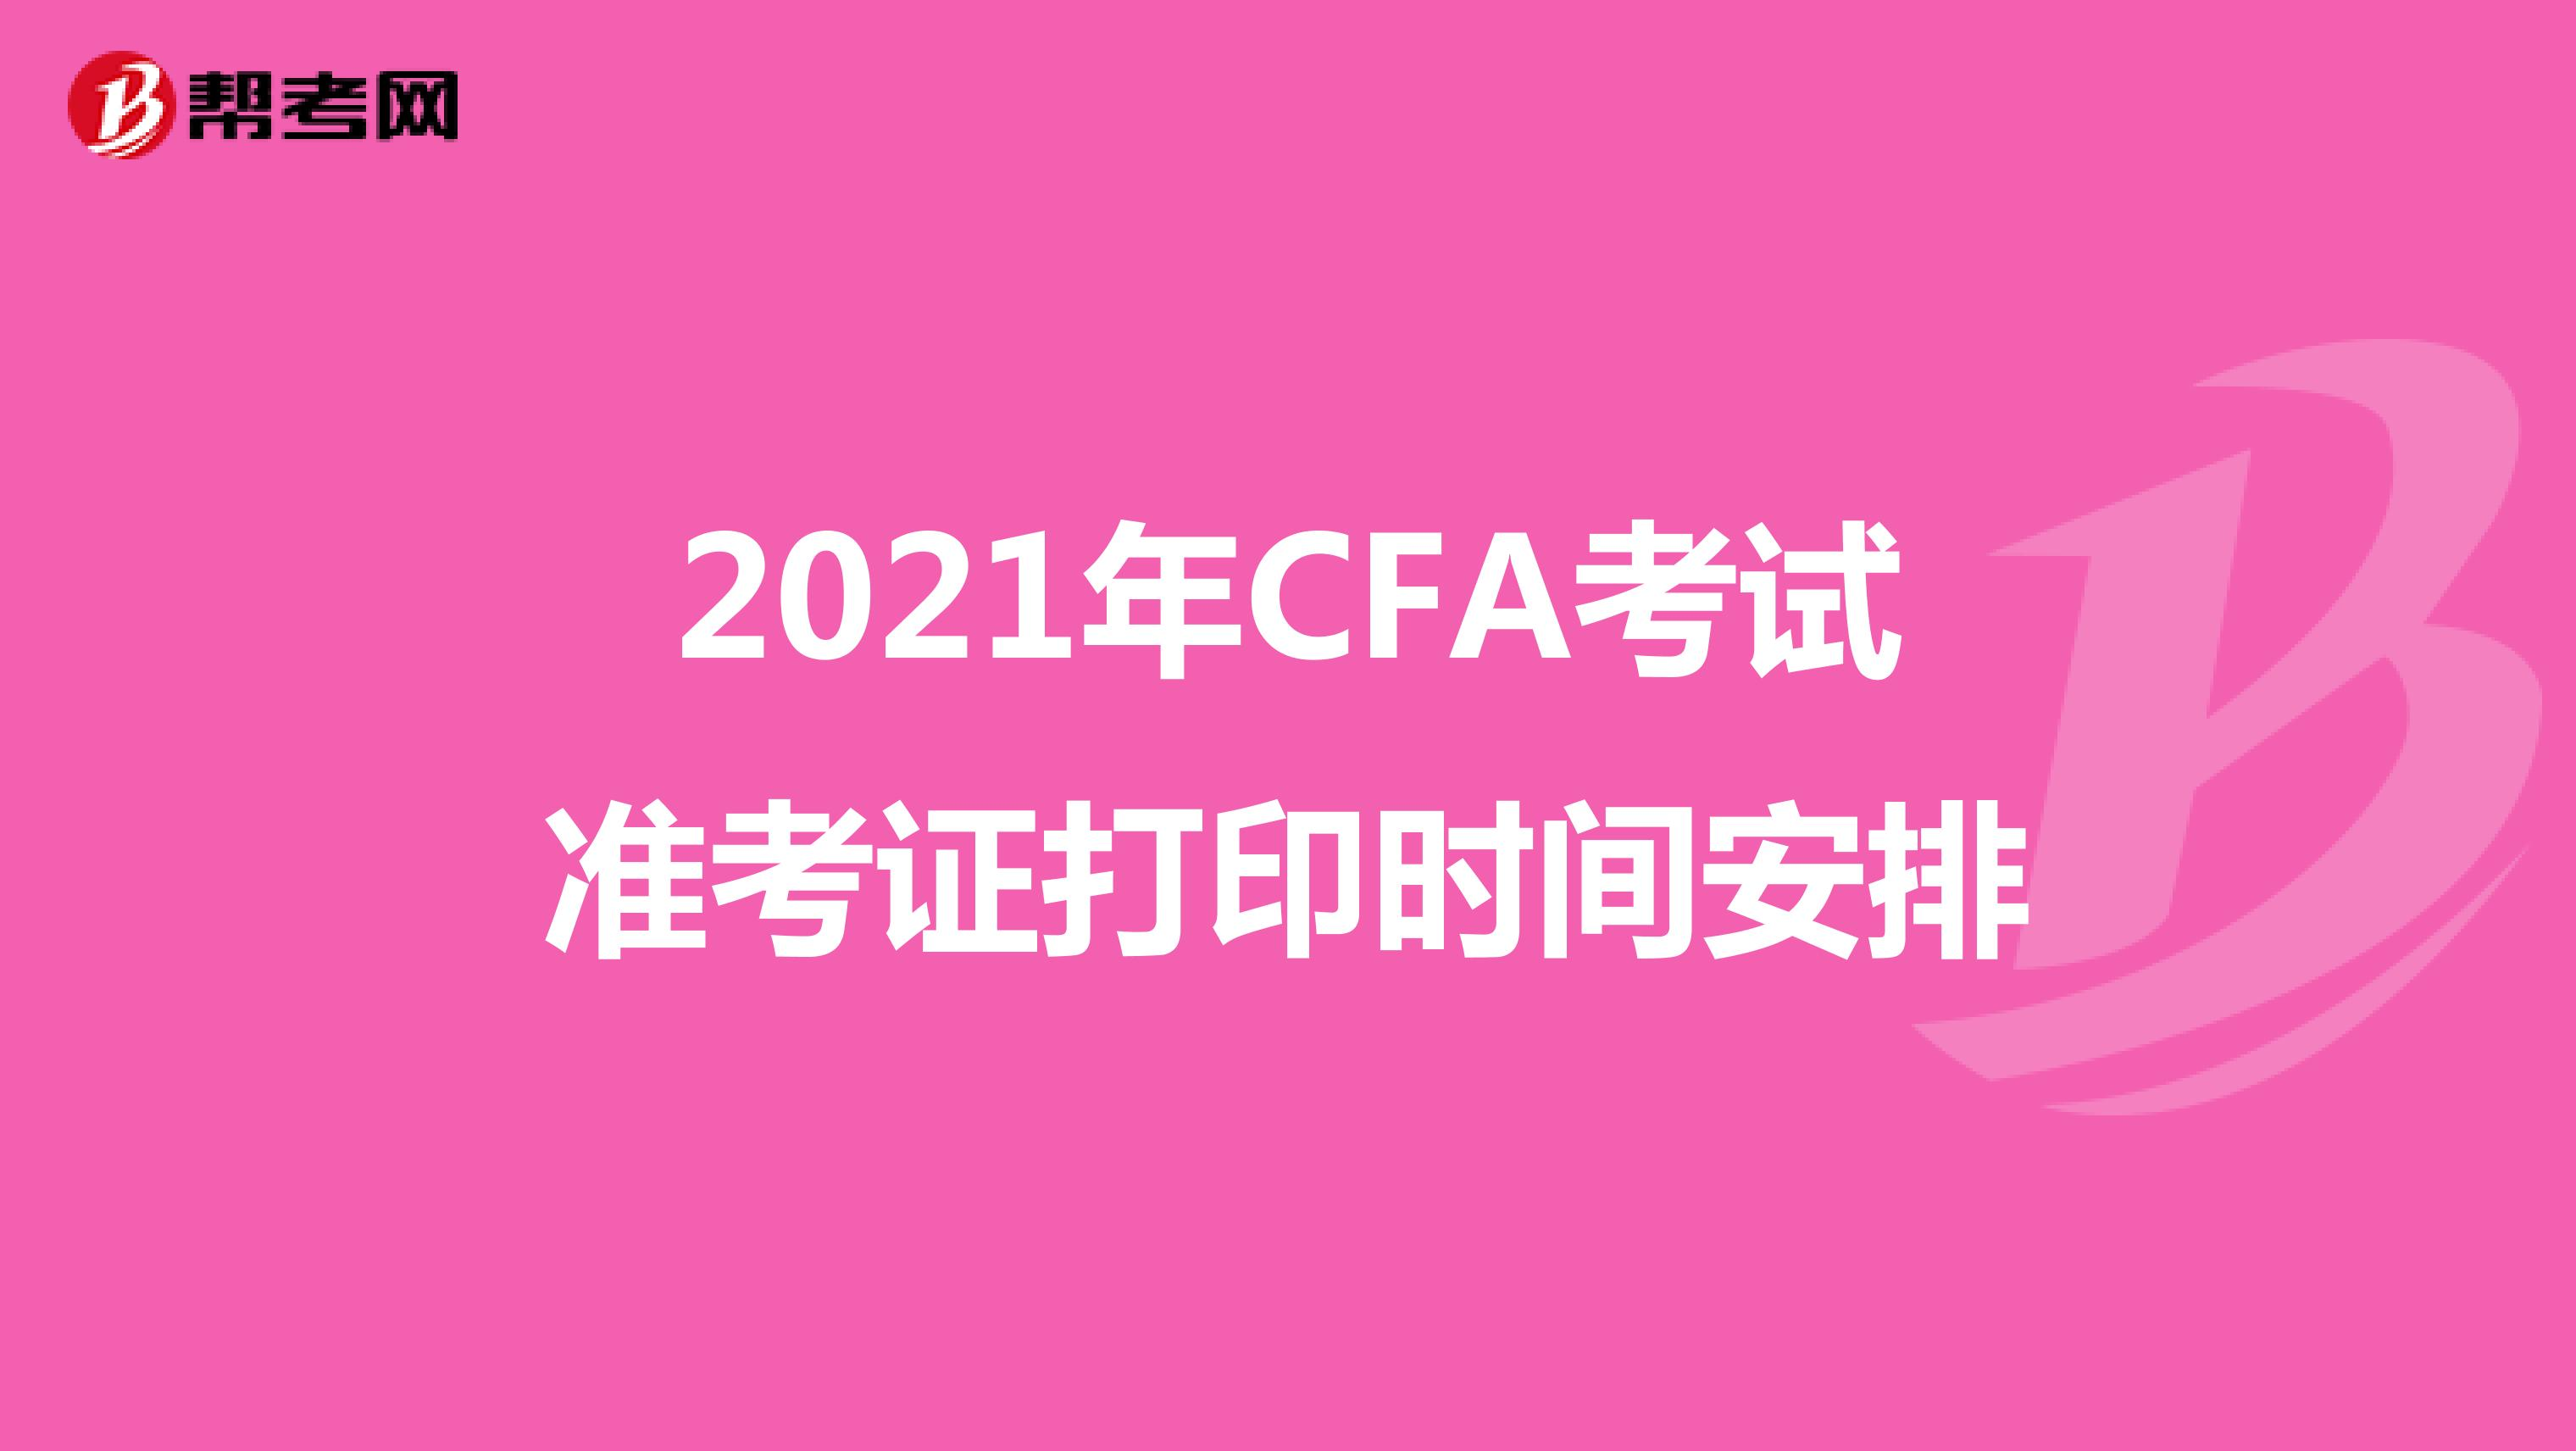 2021年CFA考試準考證打印時間安排